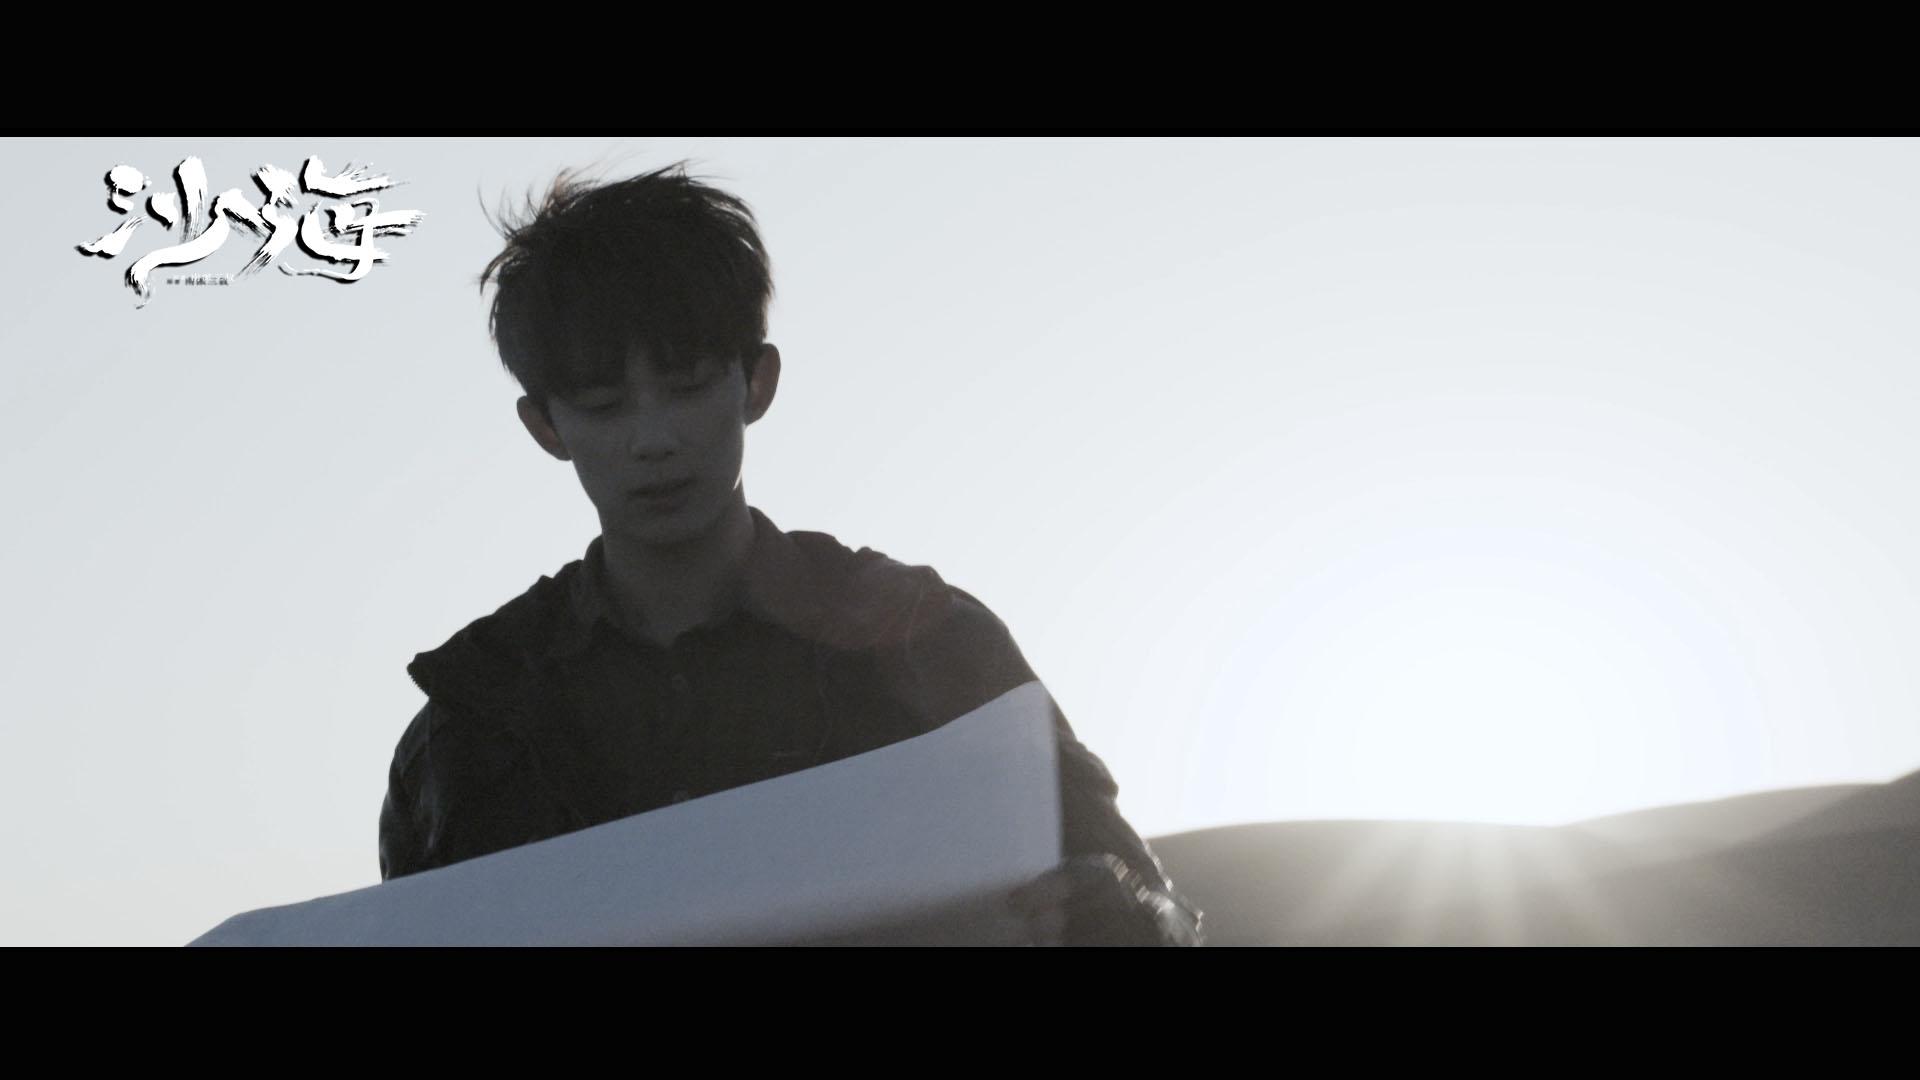 《沙海》特别版片花曝光 吴磊大漠少年行震撼人心